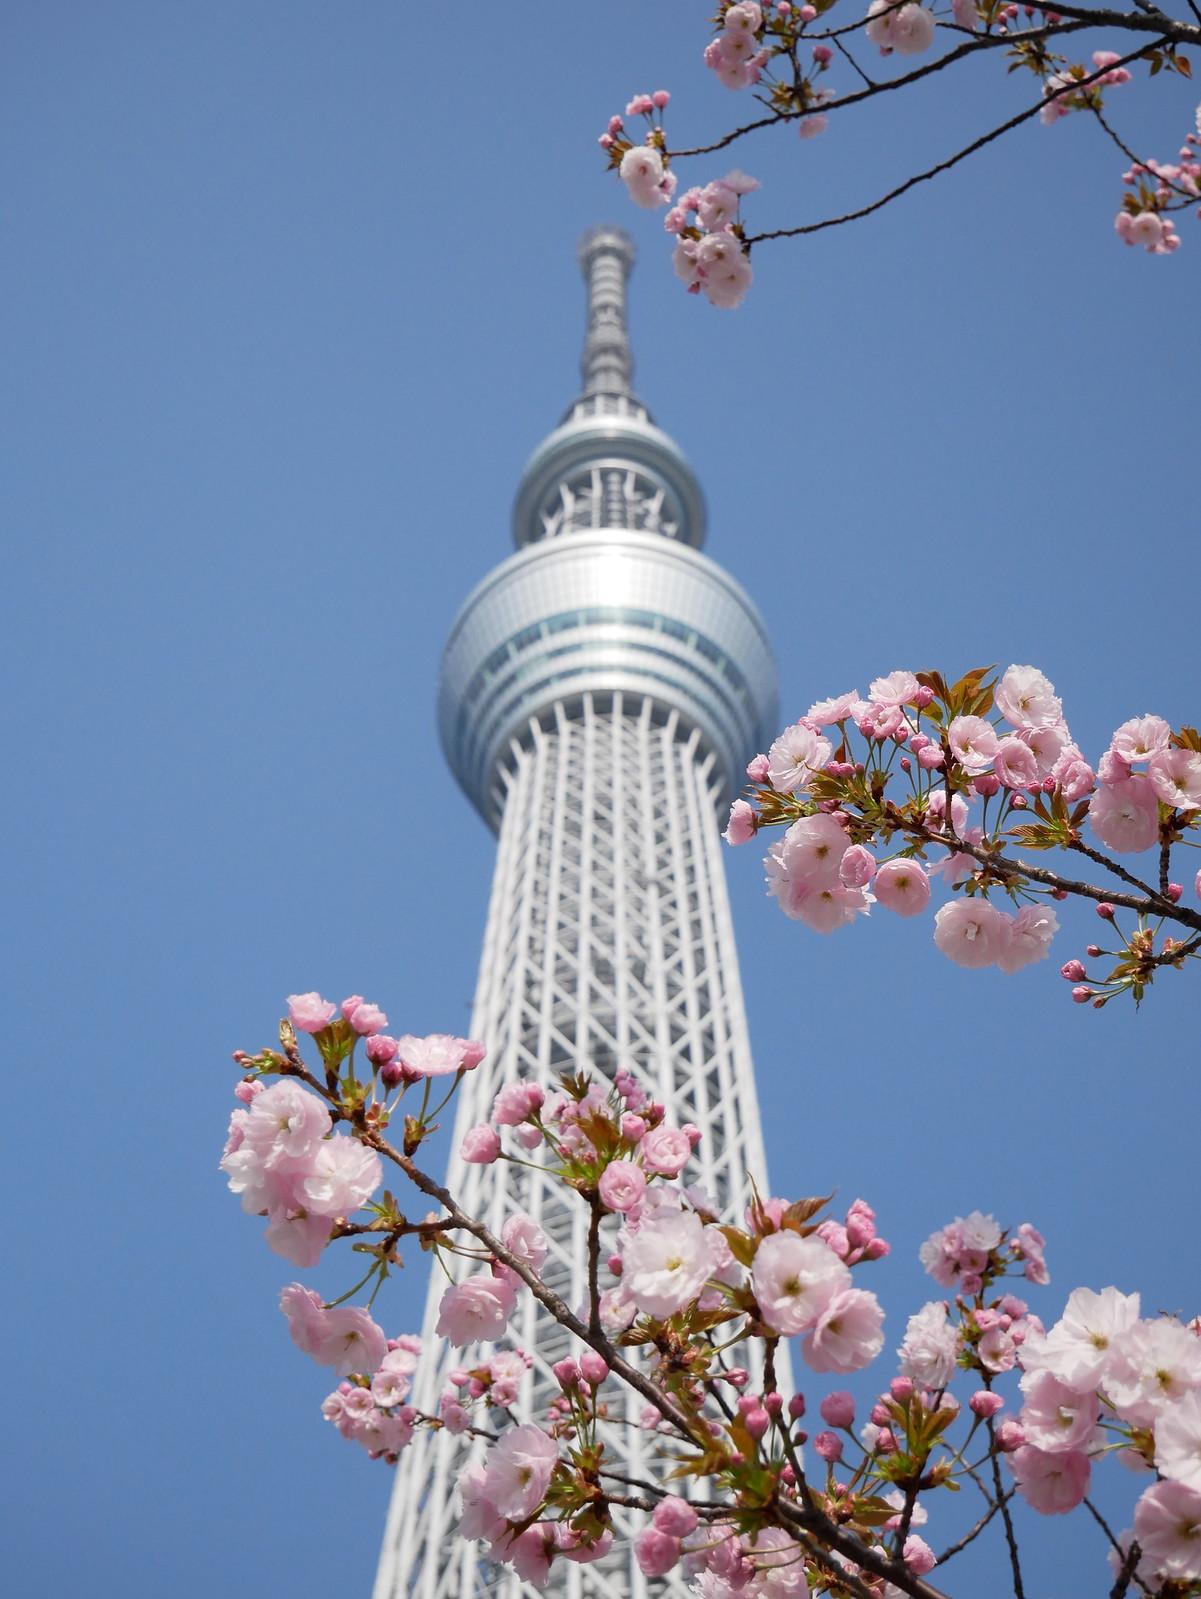 2018東京櫻花行 Day4 – 晴空塔有晴空